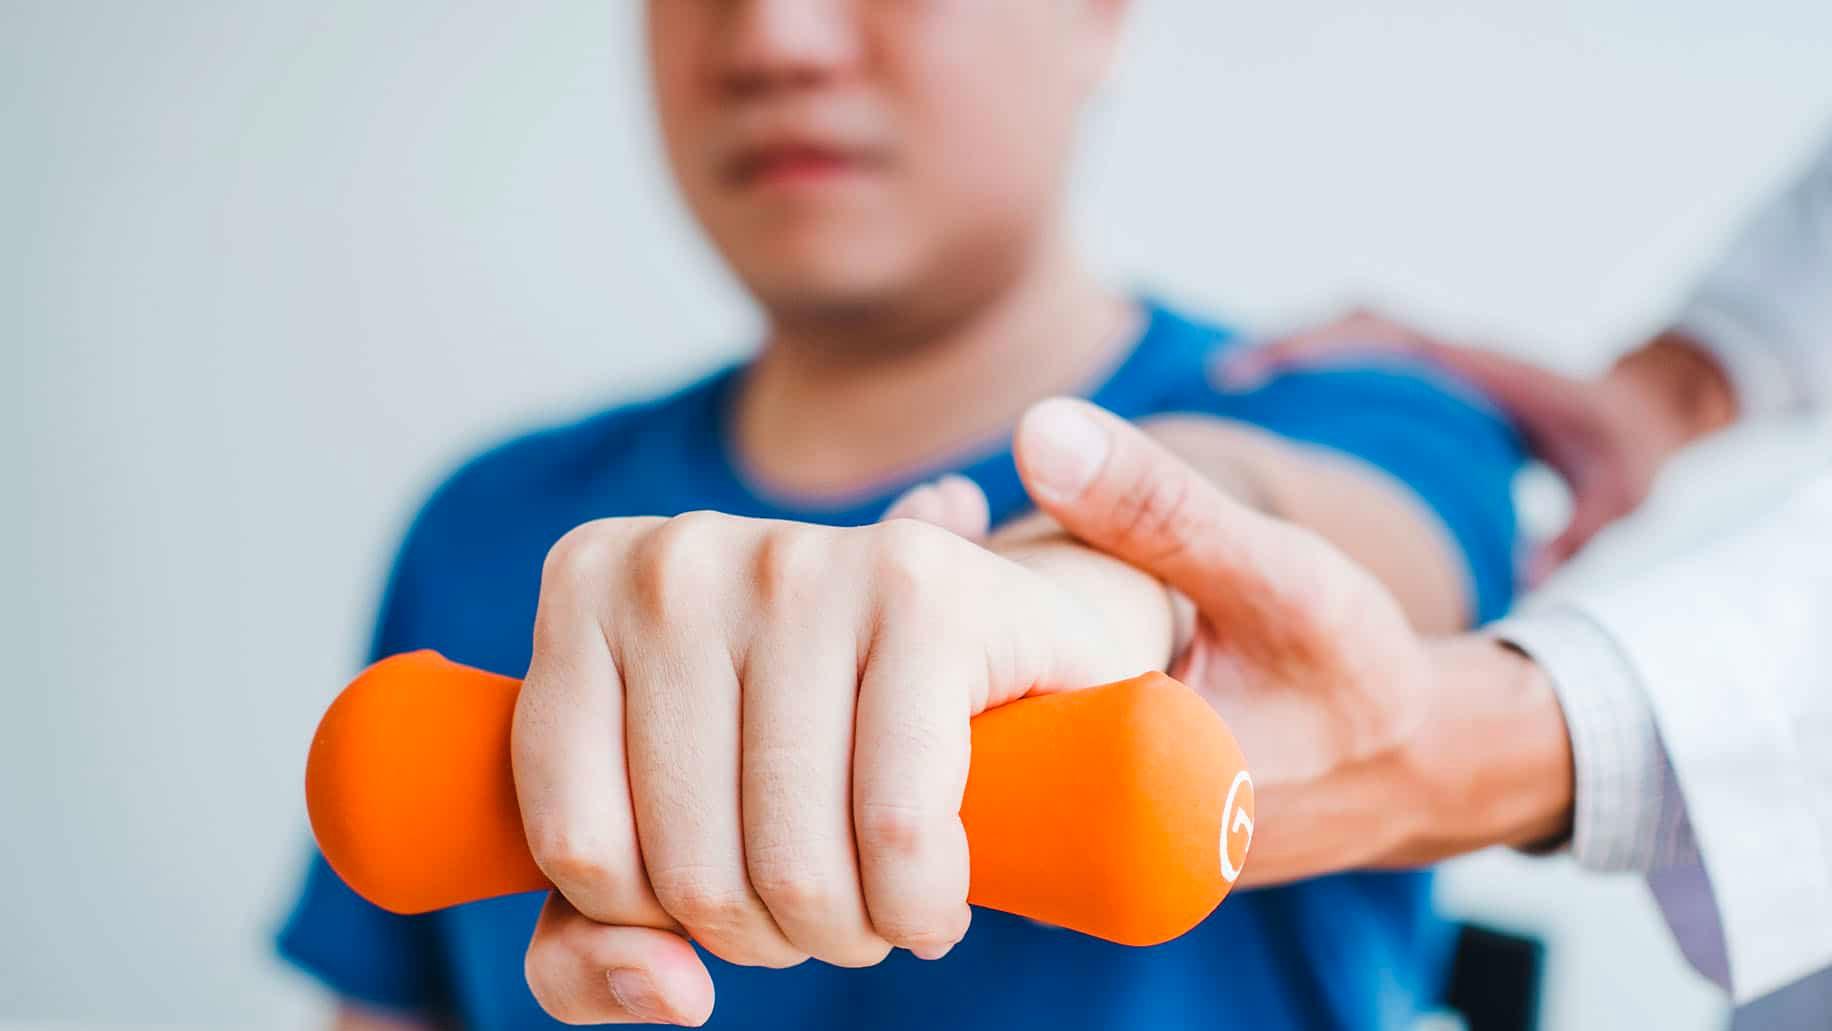 Intervenciones-con-ejercicio-y-salud-cardiovascular-en-niños-con-cáncer